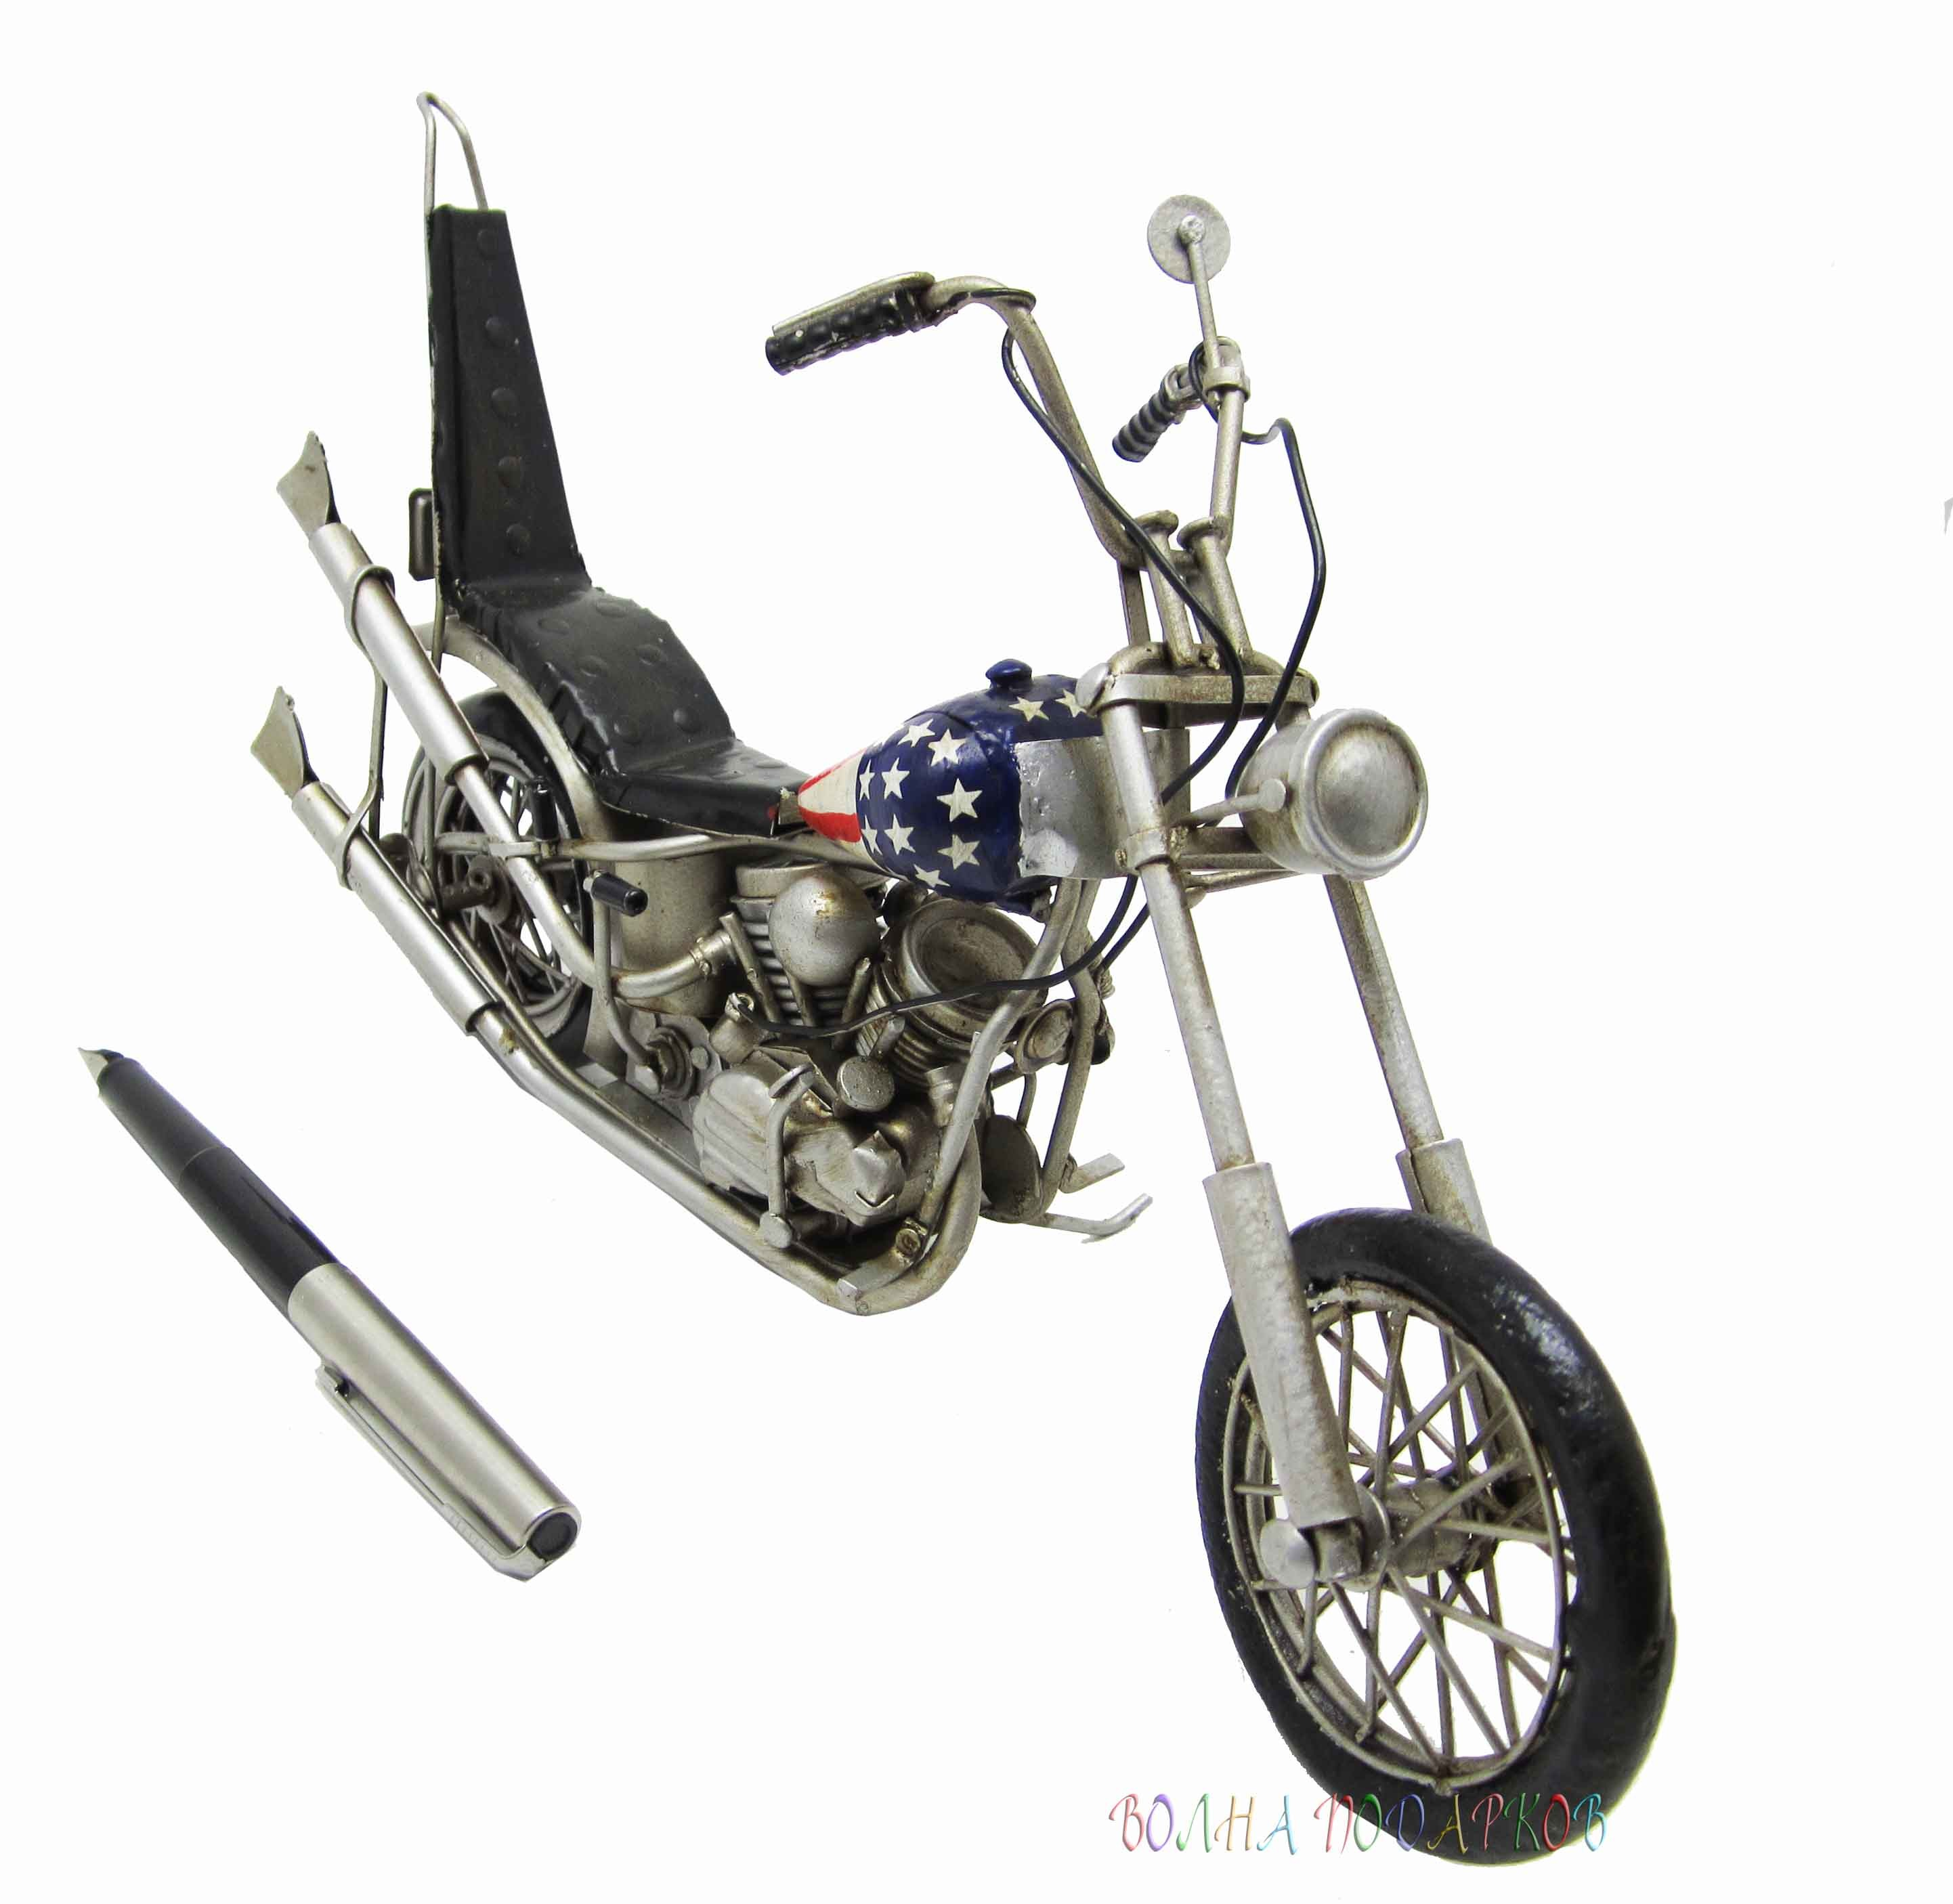 Модель мотоцикла легенды HARLEY-DAVIDSON, EASY RIDER 1940'S-1950'S